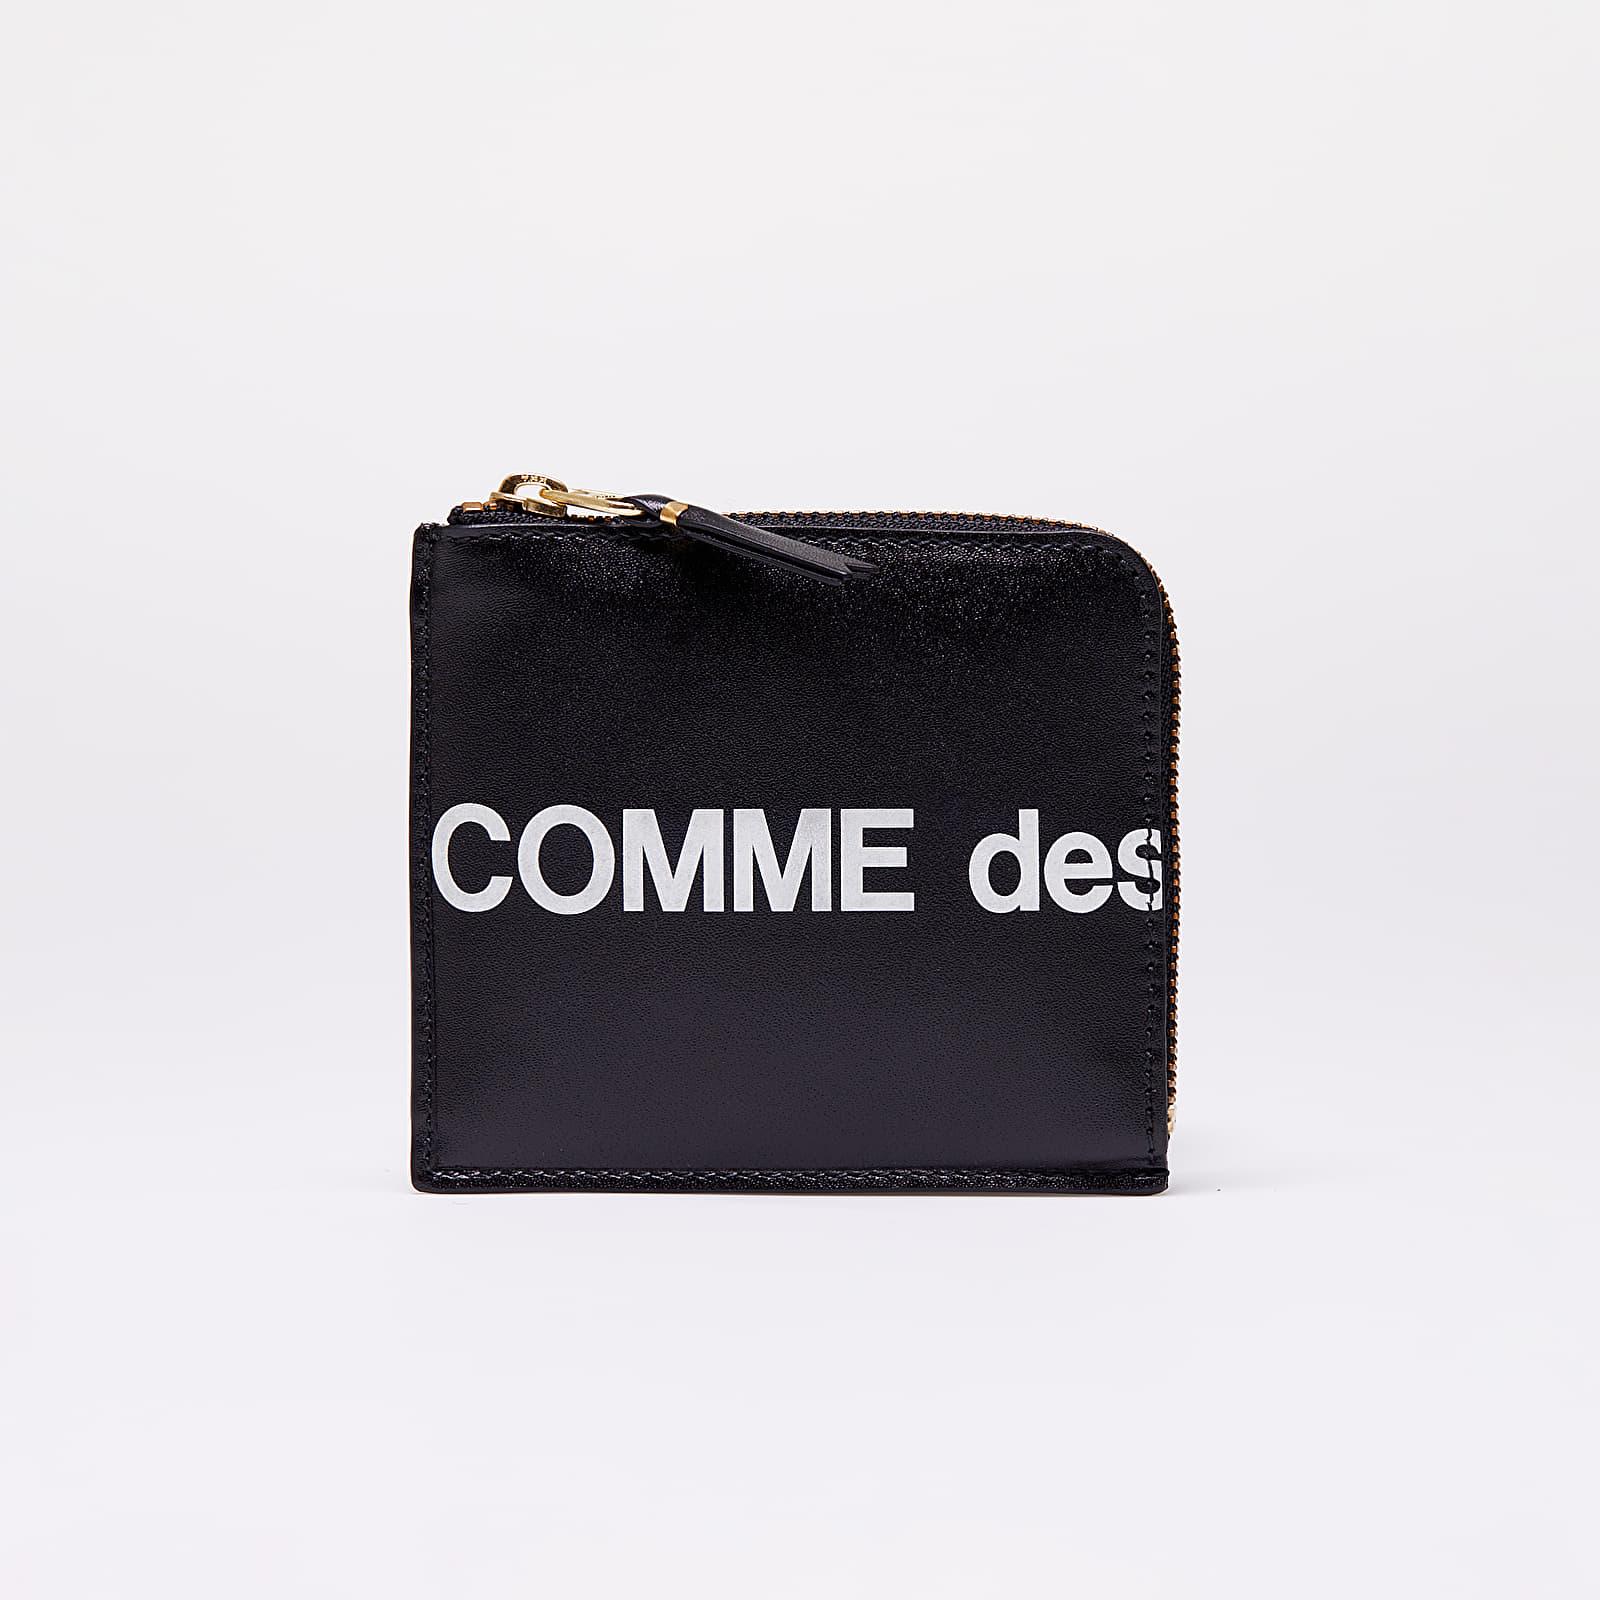 Πορτοφόλια Comme des Garçons Huge Logo Wallet Black